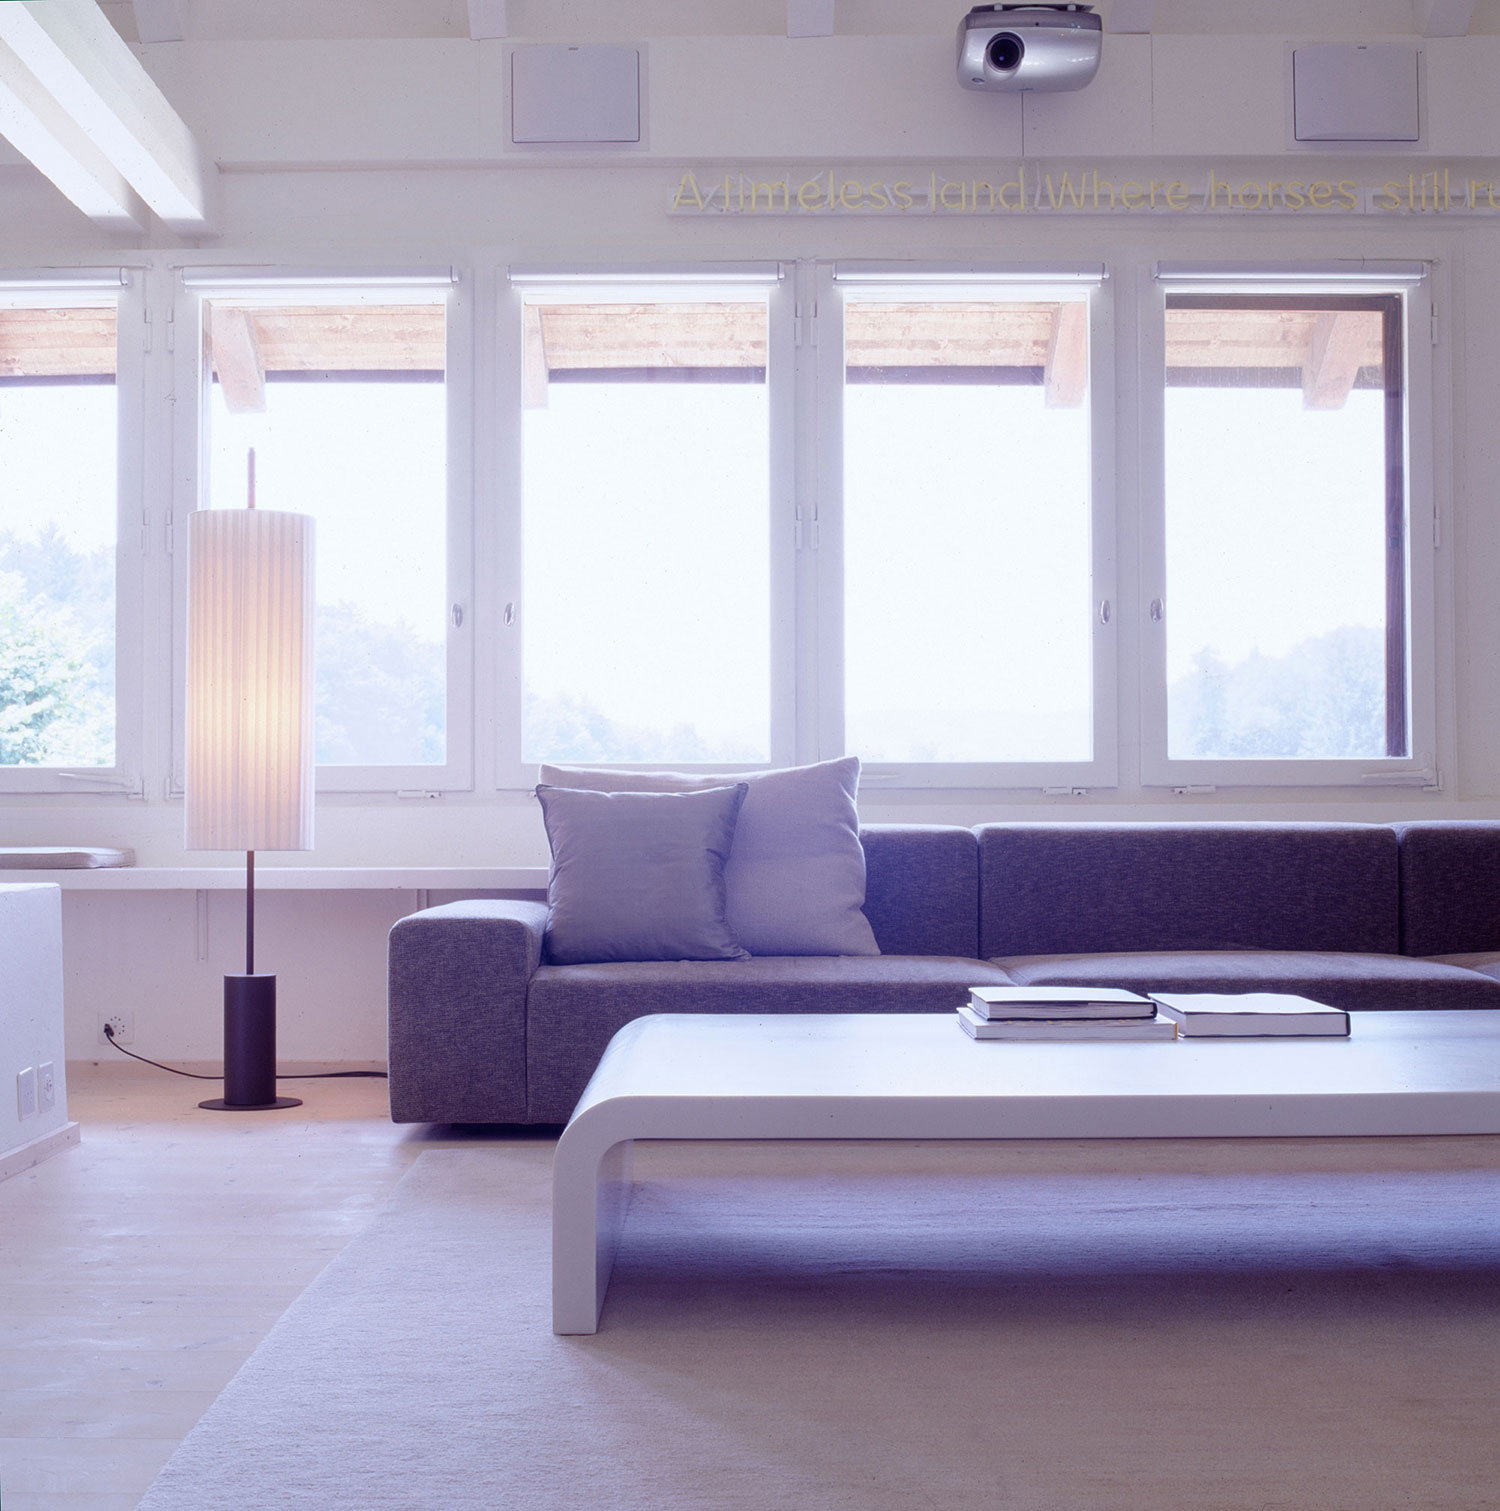 011-iria-degen-apartment-basel4.jpg